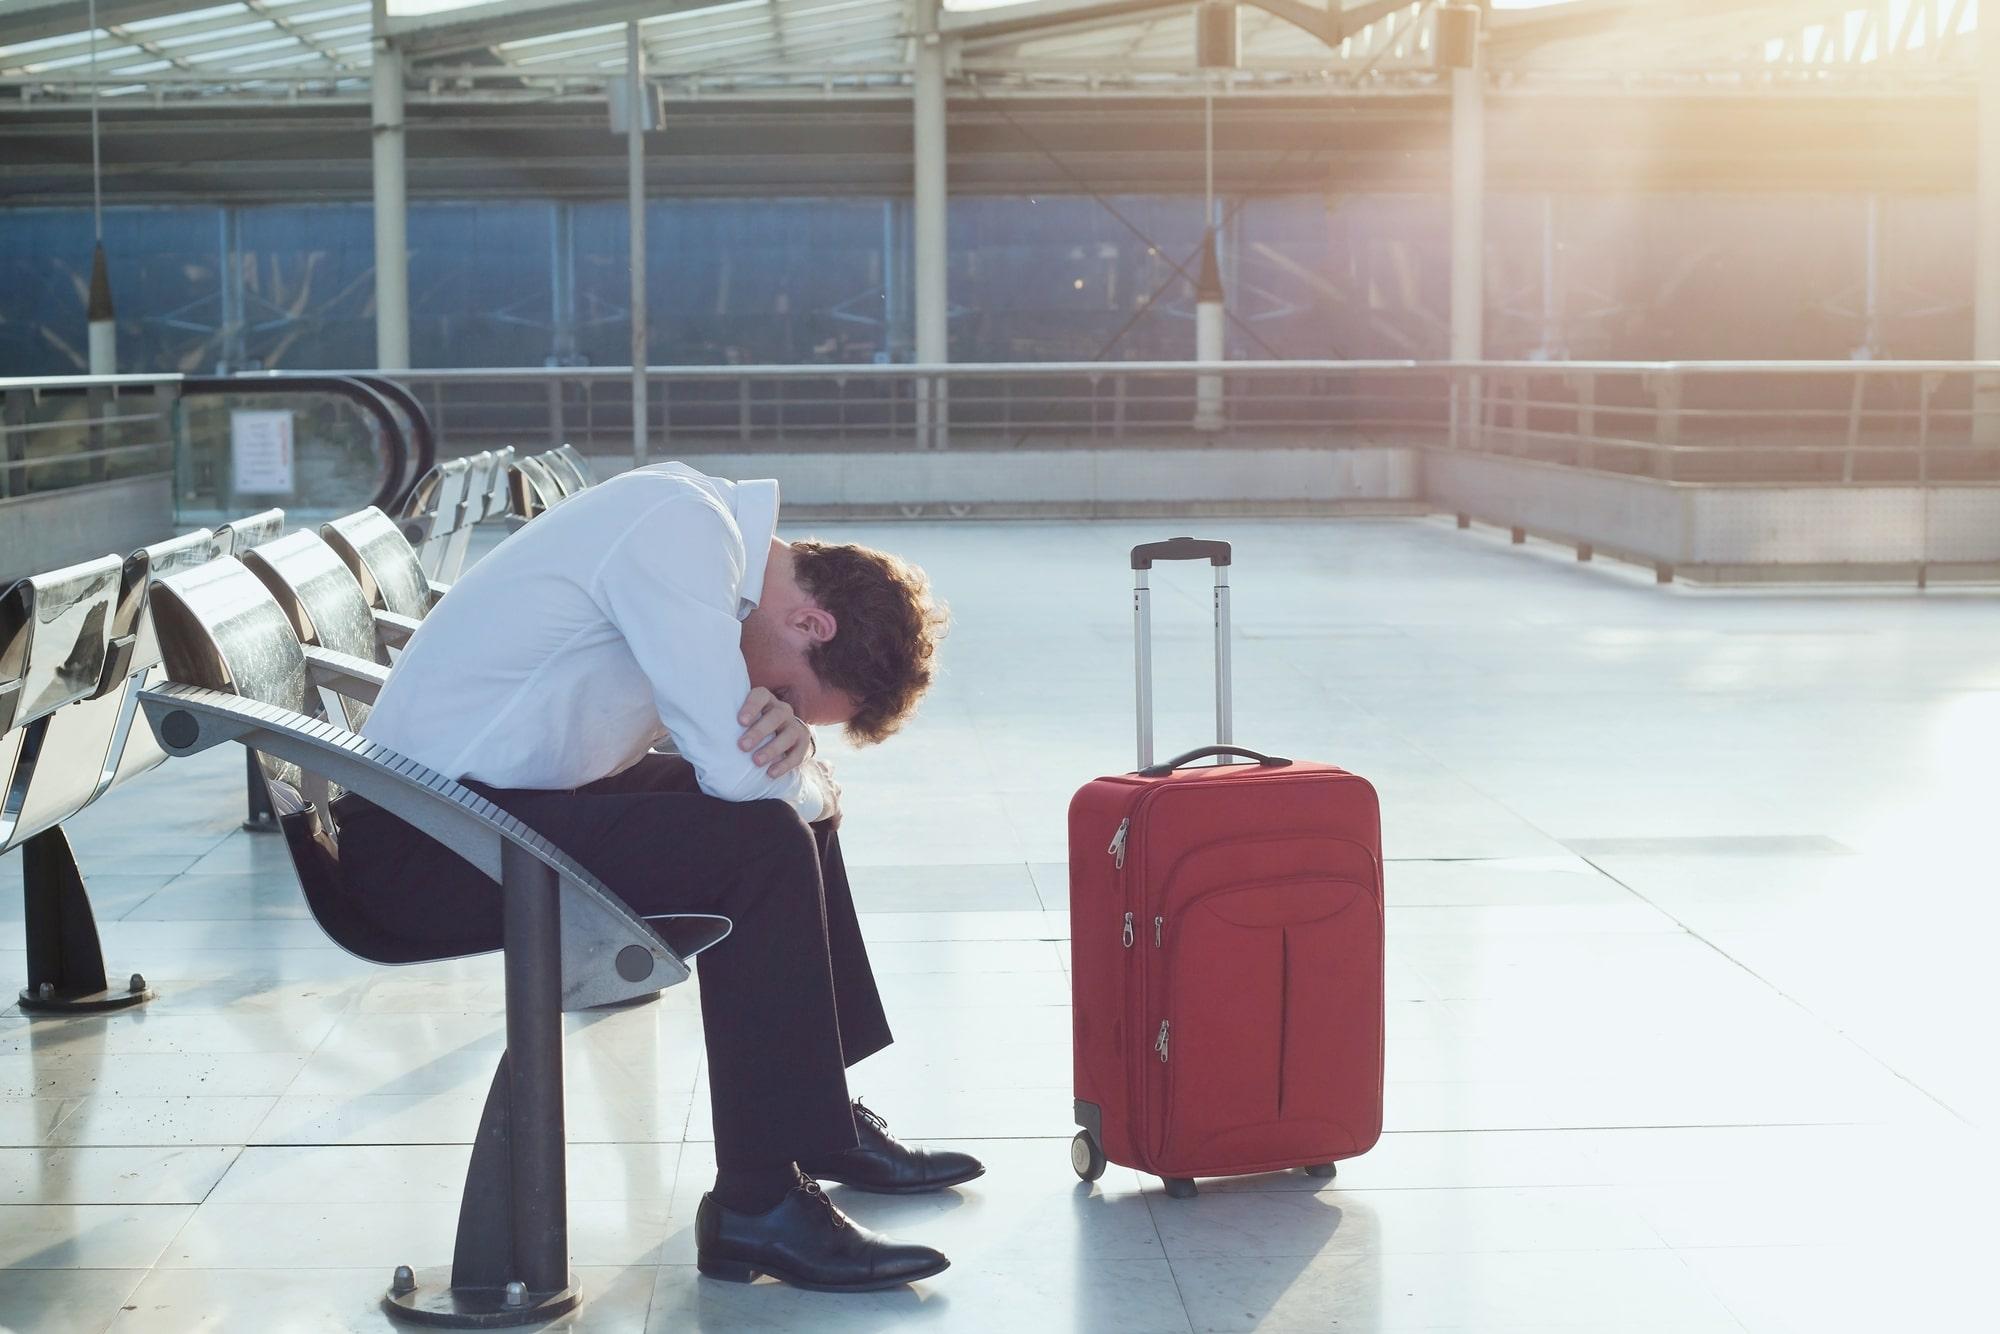 Коронавирус ставит на паузу и внутренний туризм: уже отменено около половины поездок по России